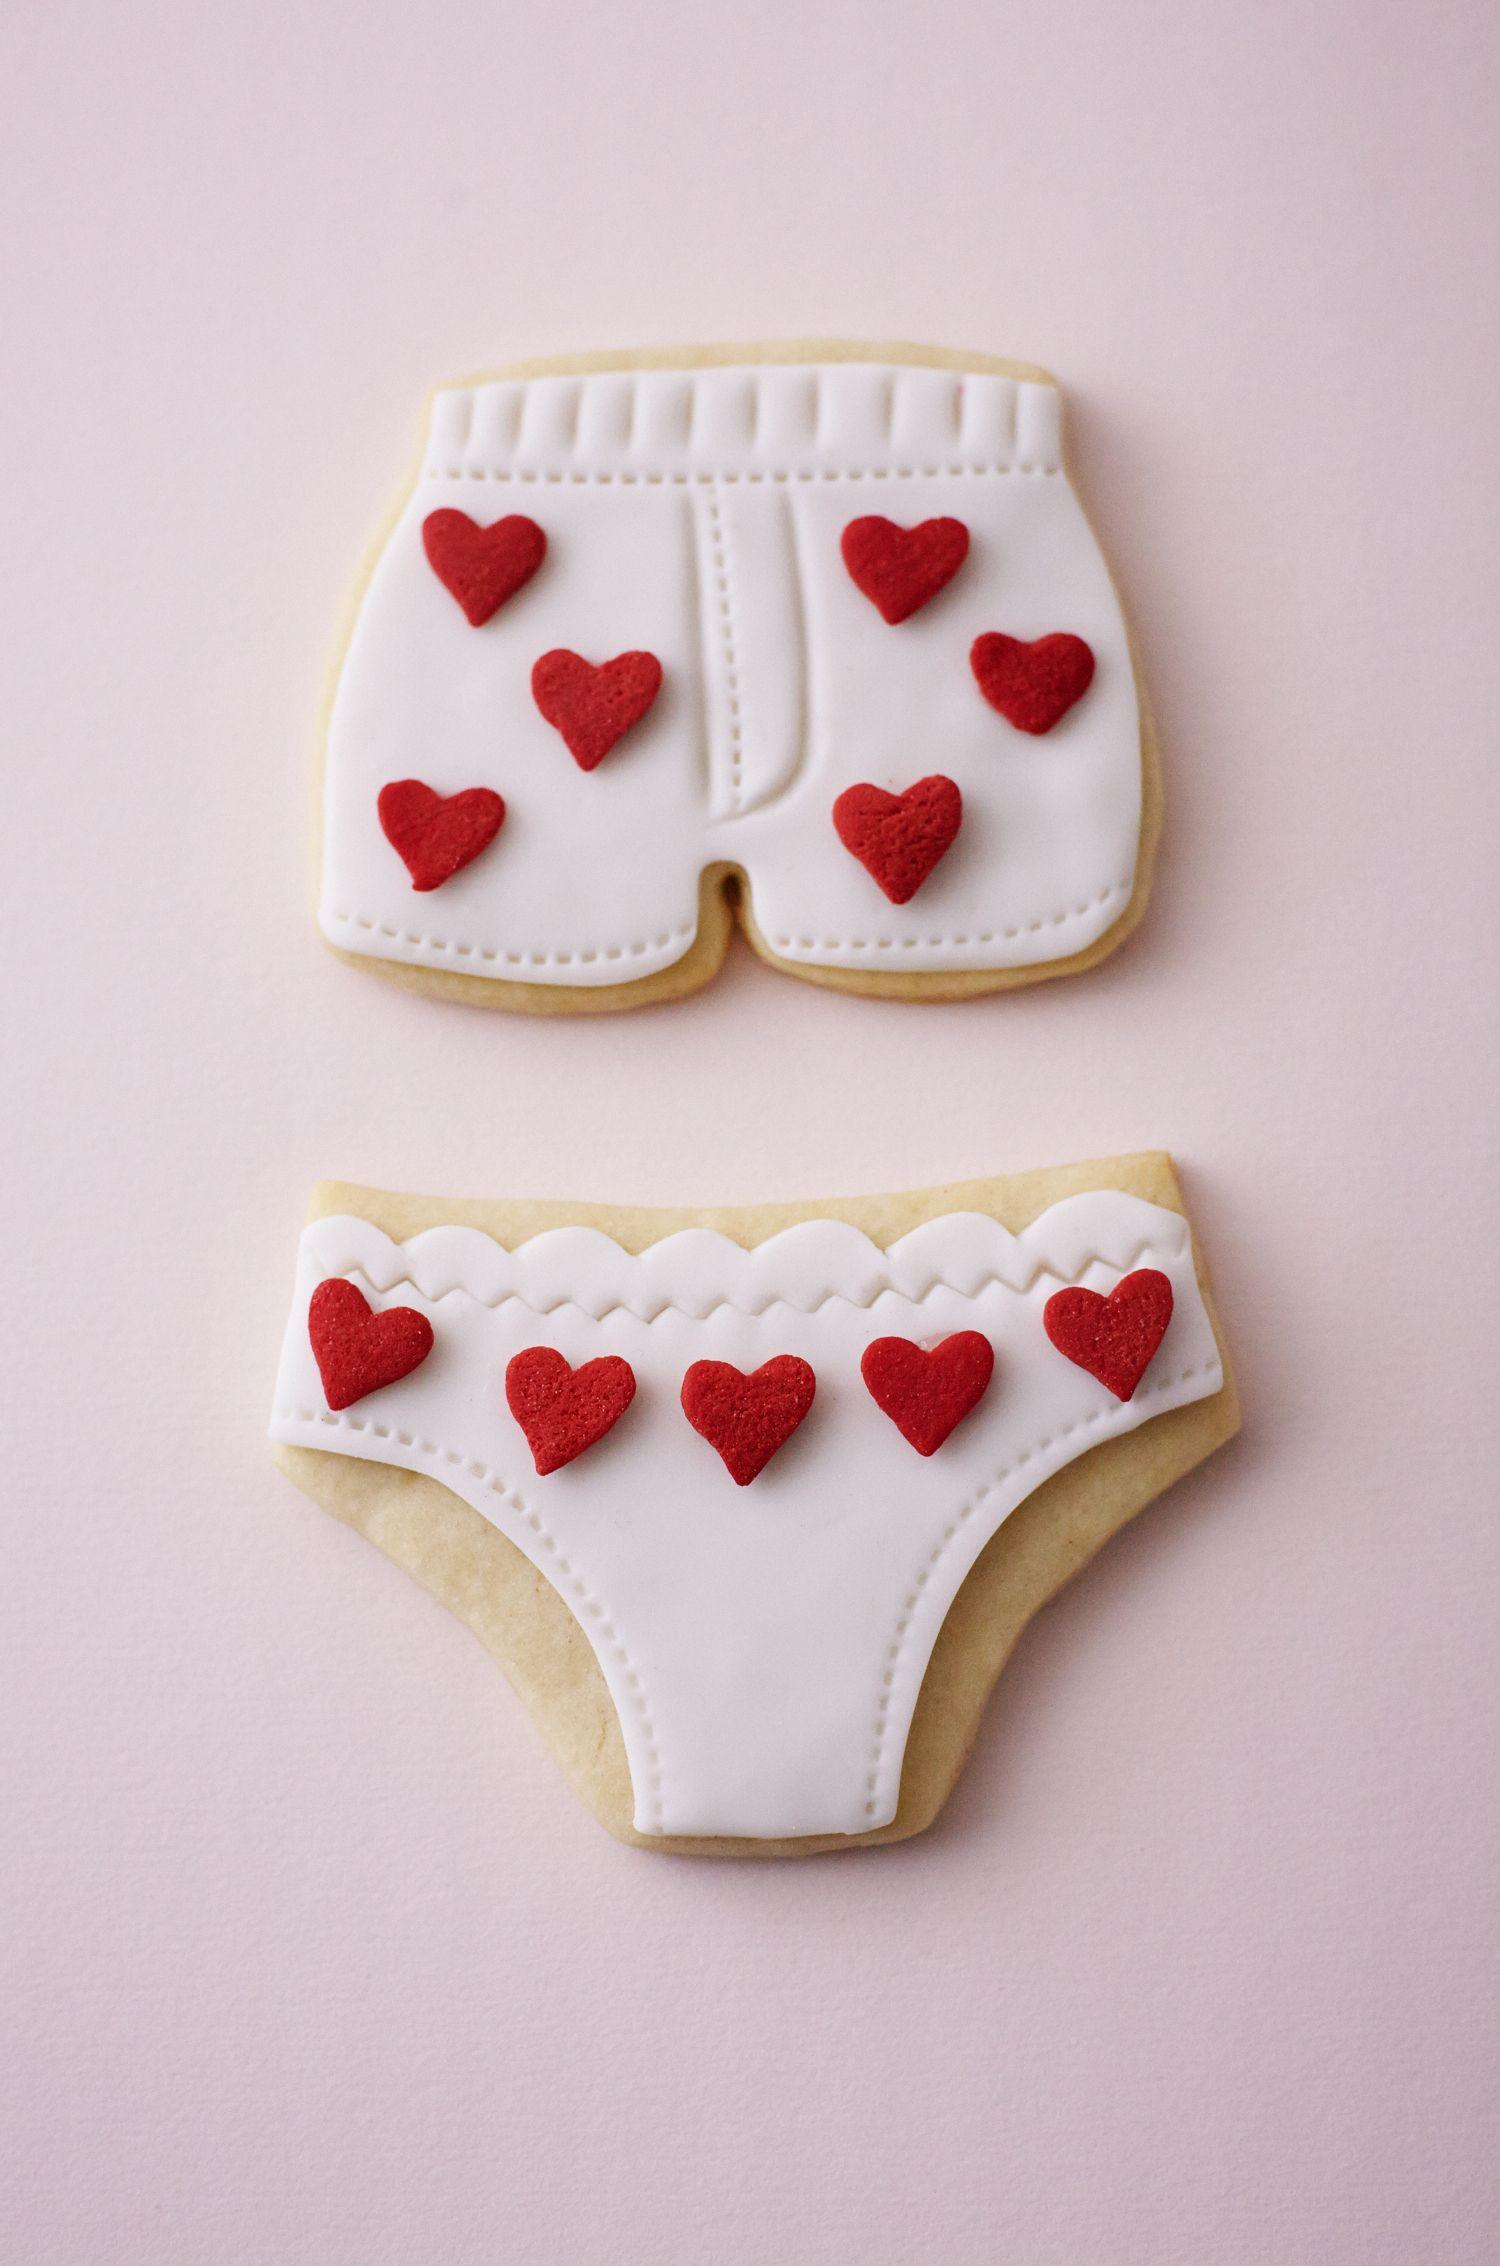 How To Make Valentine S Day Underwear Cookies Valentine S Day